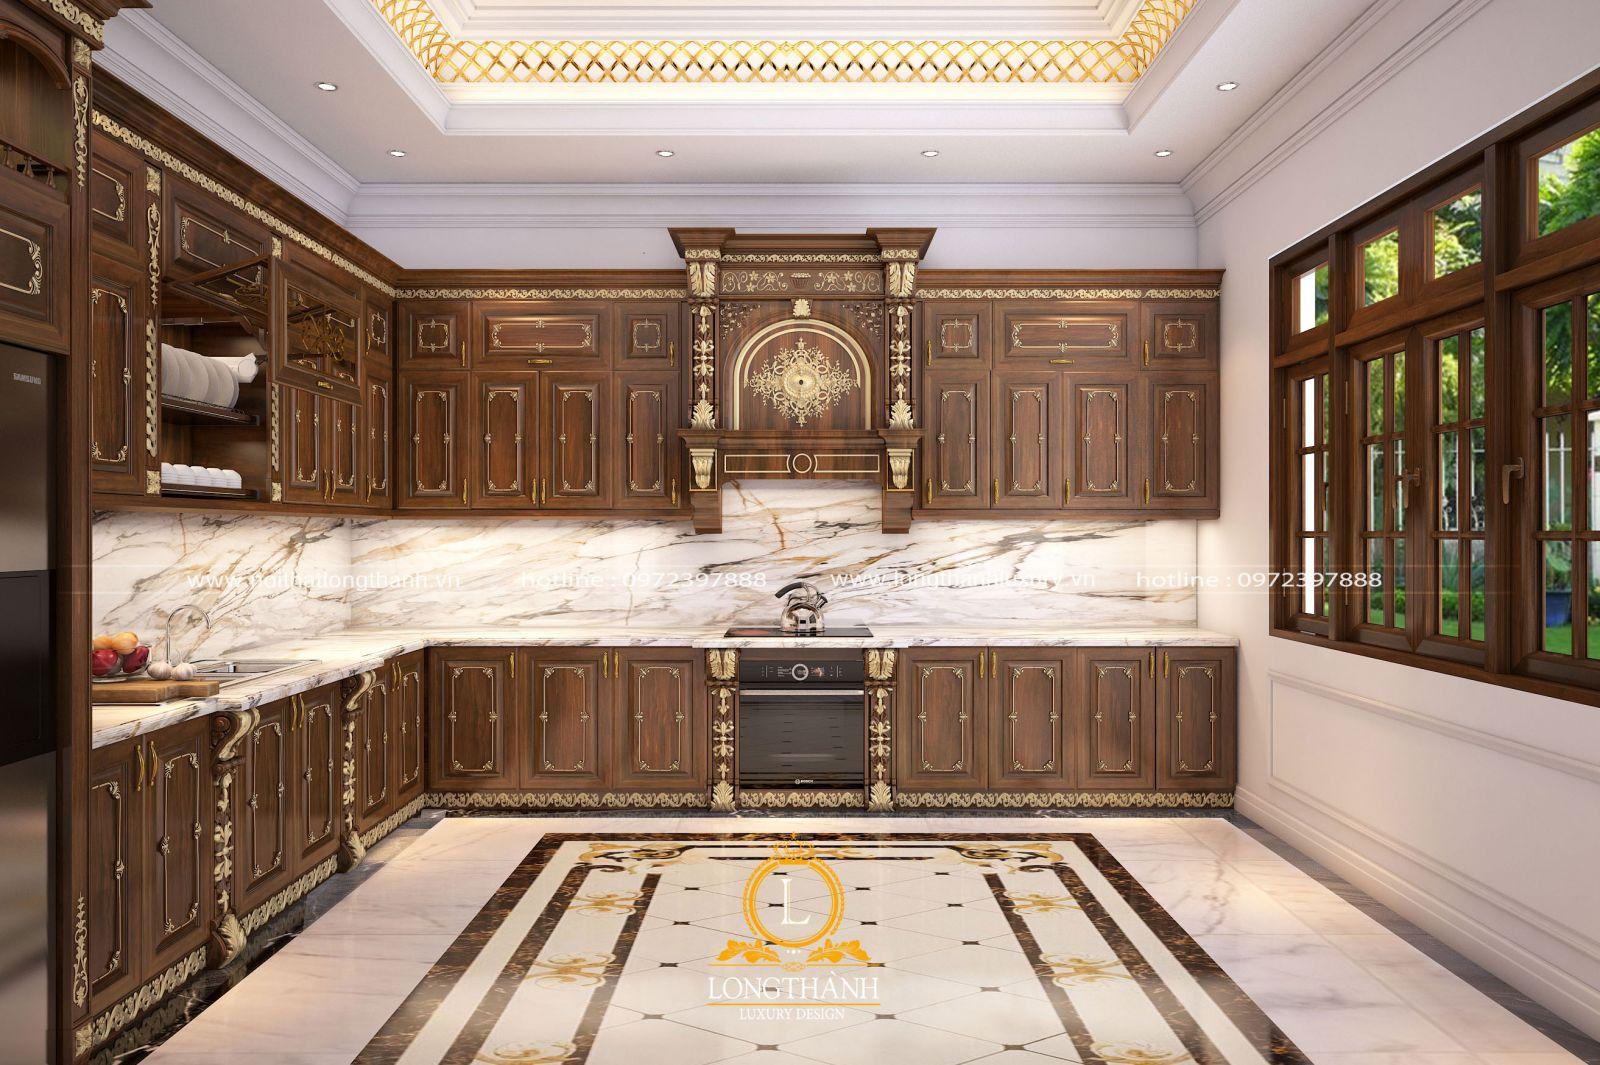 Mẫu tủ bếp tân cổ điển đẹp, đẳng cấp làm từ gỗ Gõ tự nhiên